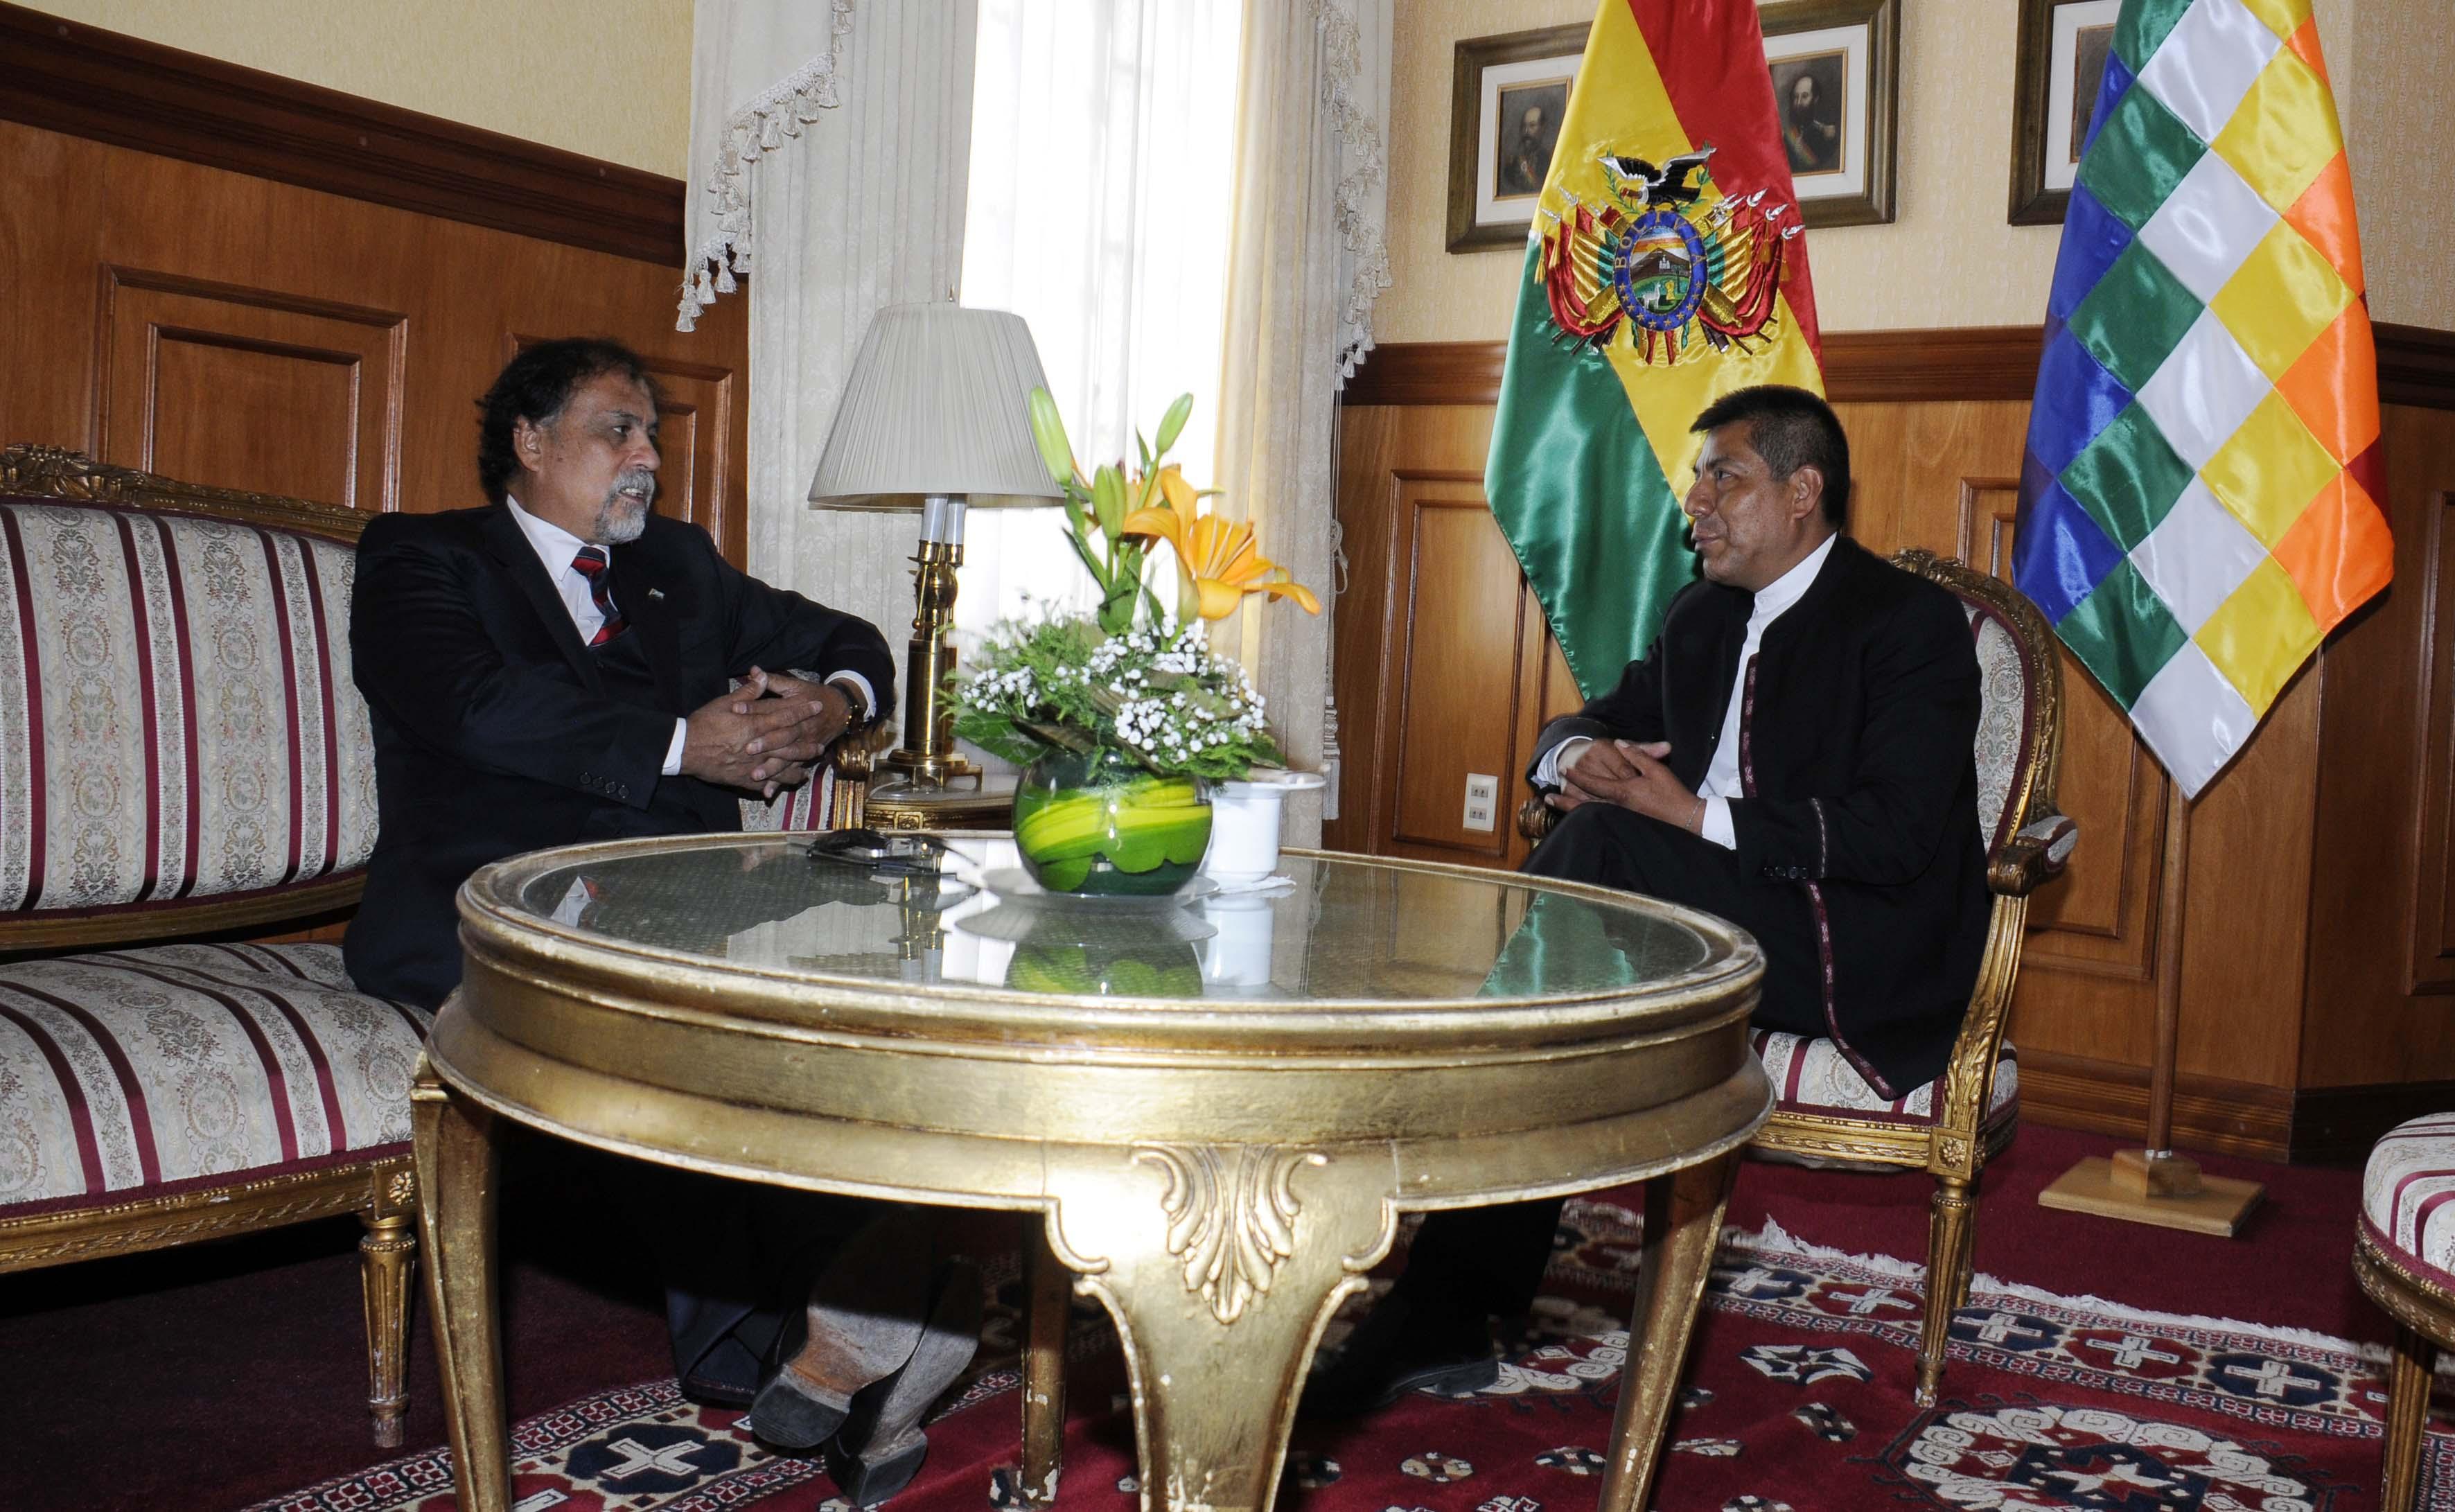 El canciller boliviano Fernando Huanacuni llamó al Embajador argentino Ernando Álvarez para pedir explicaciones.